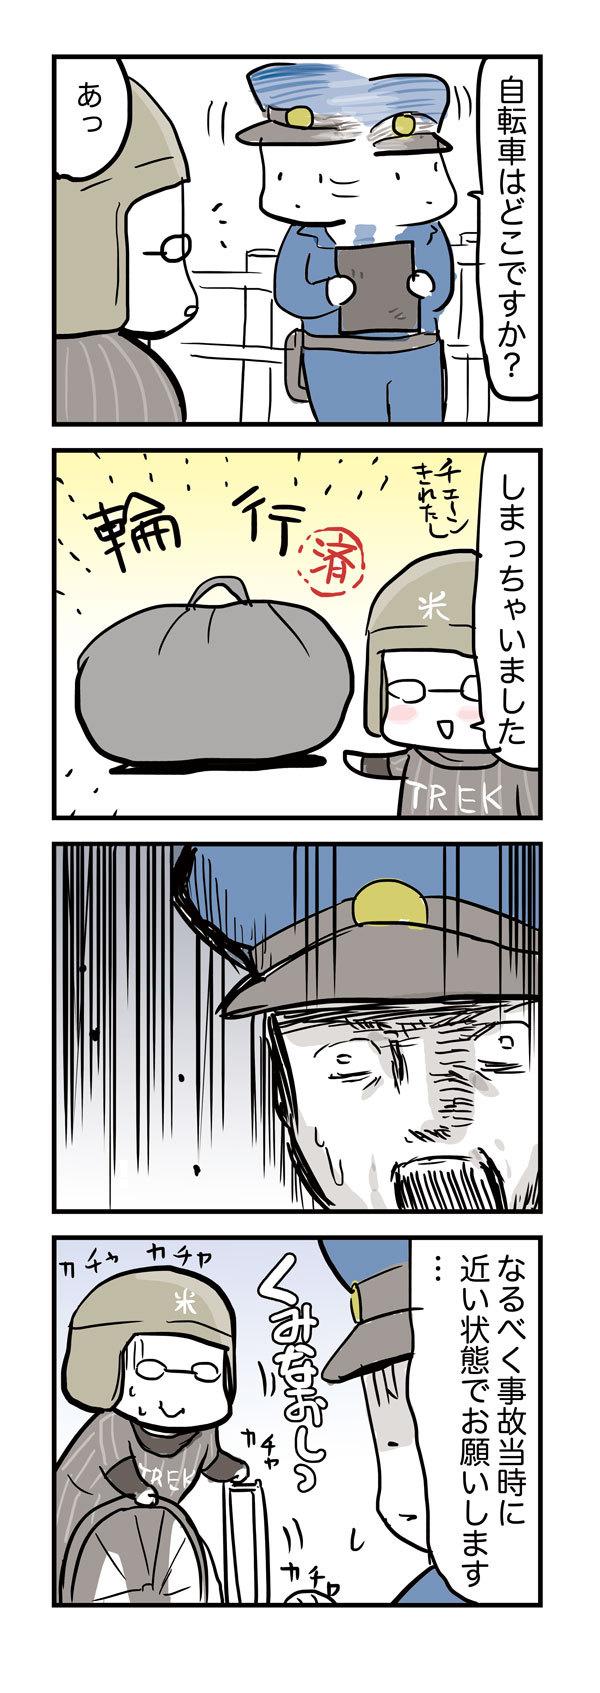 47-2 しまっちゃダメ